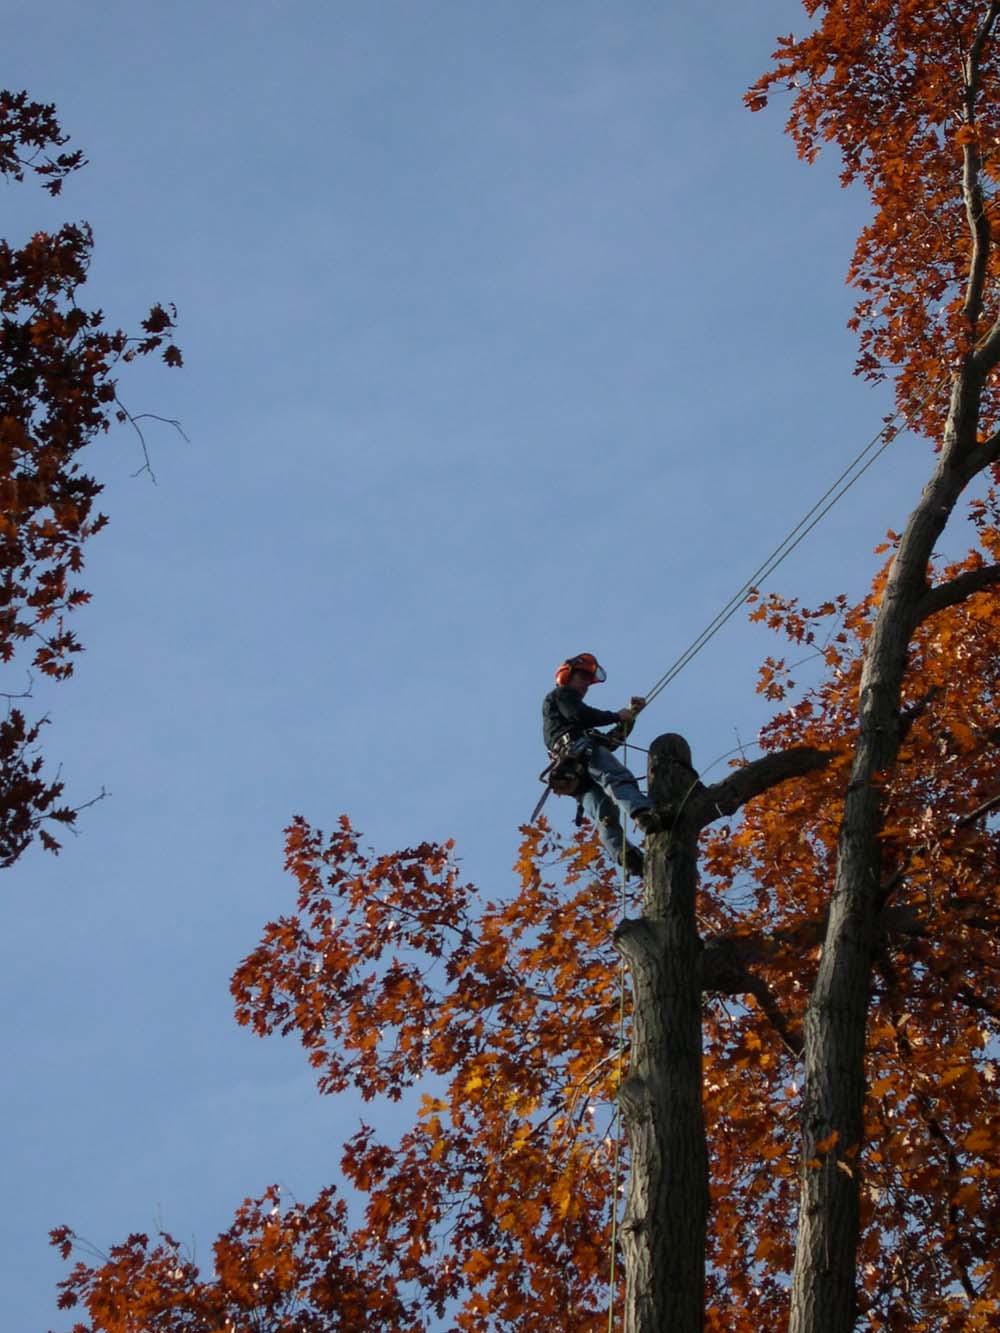 climber1